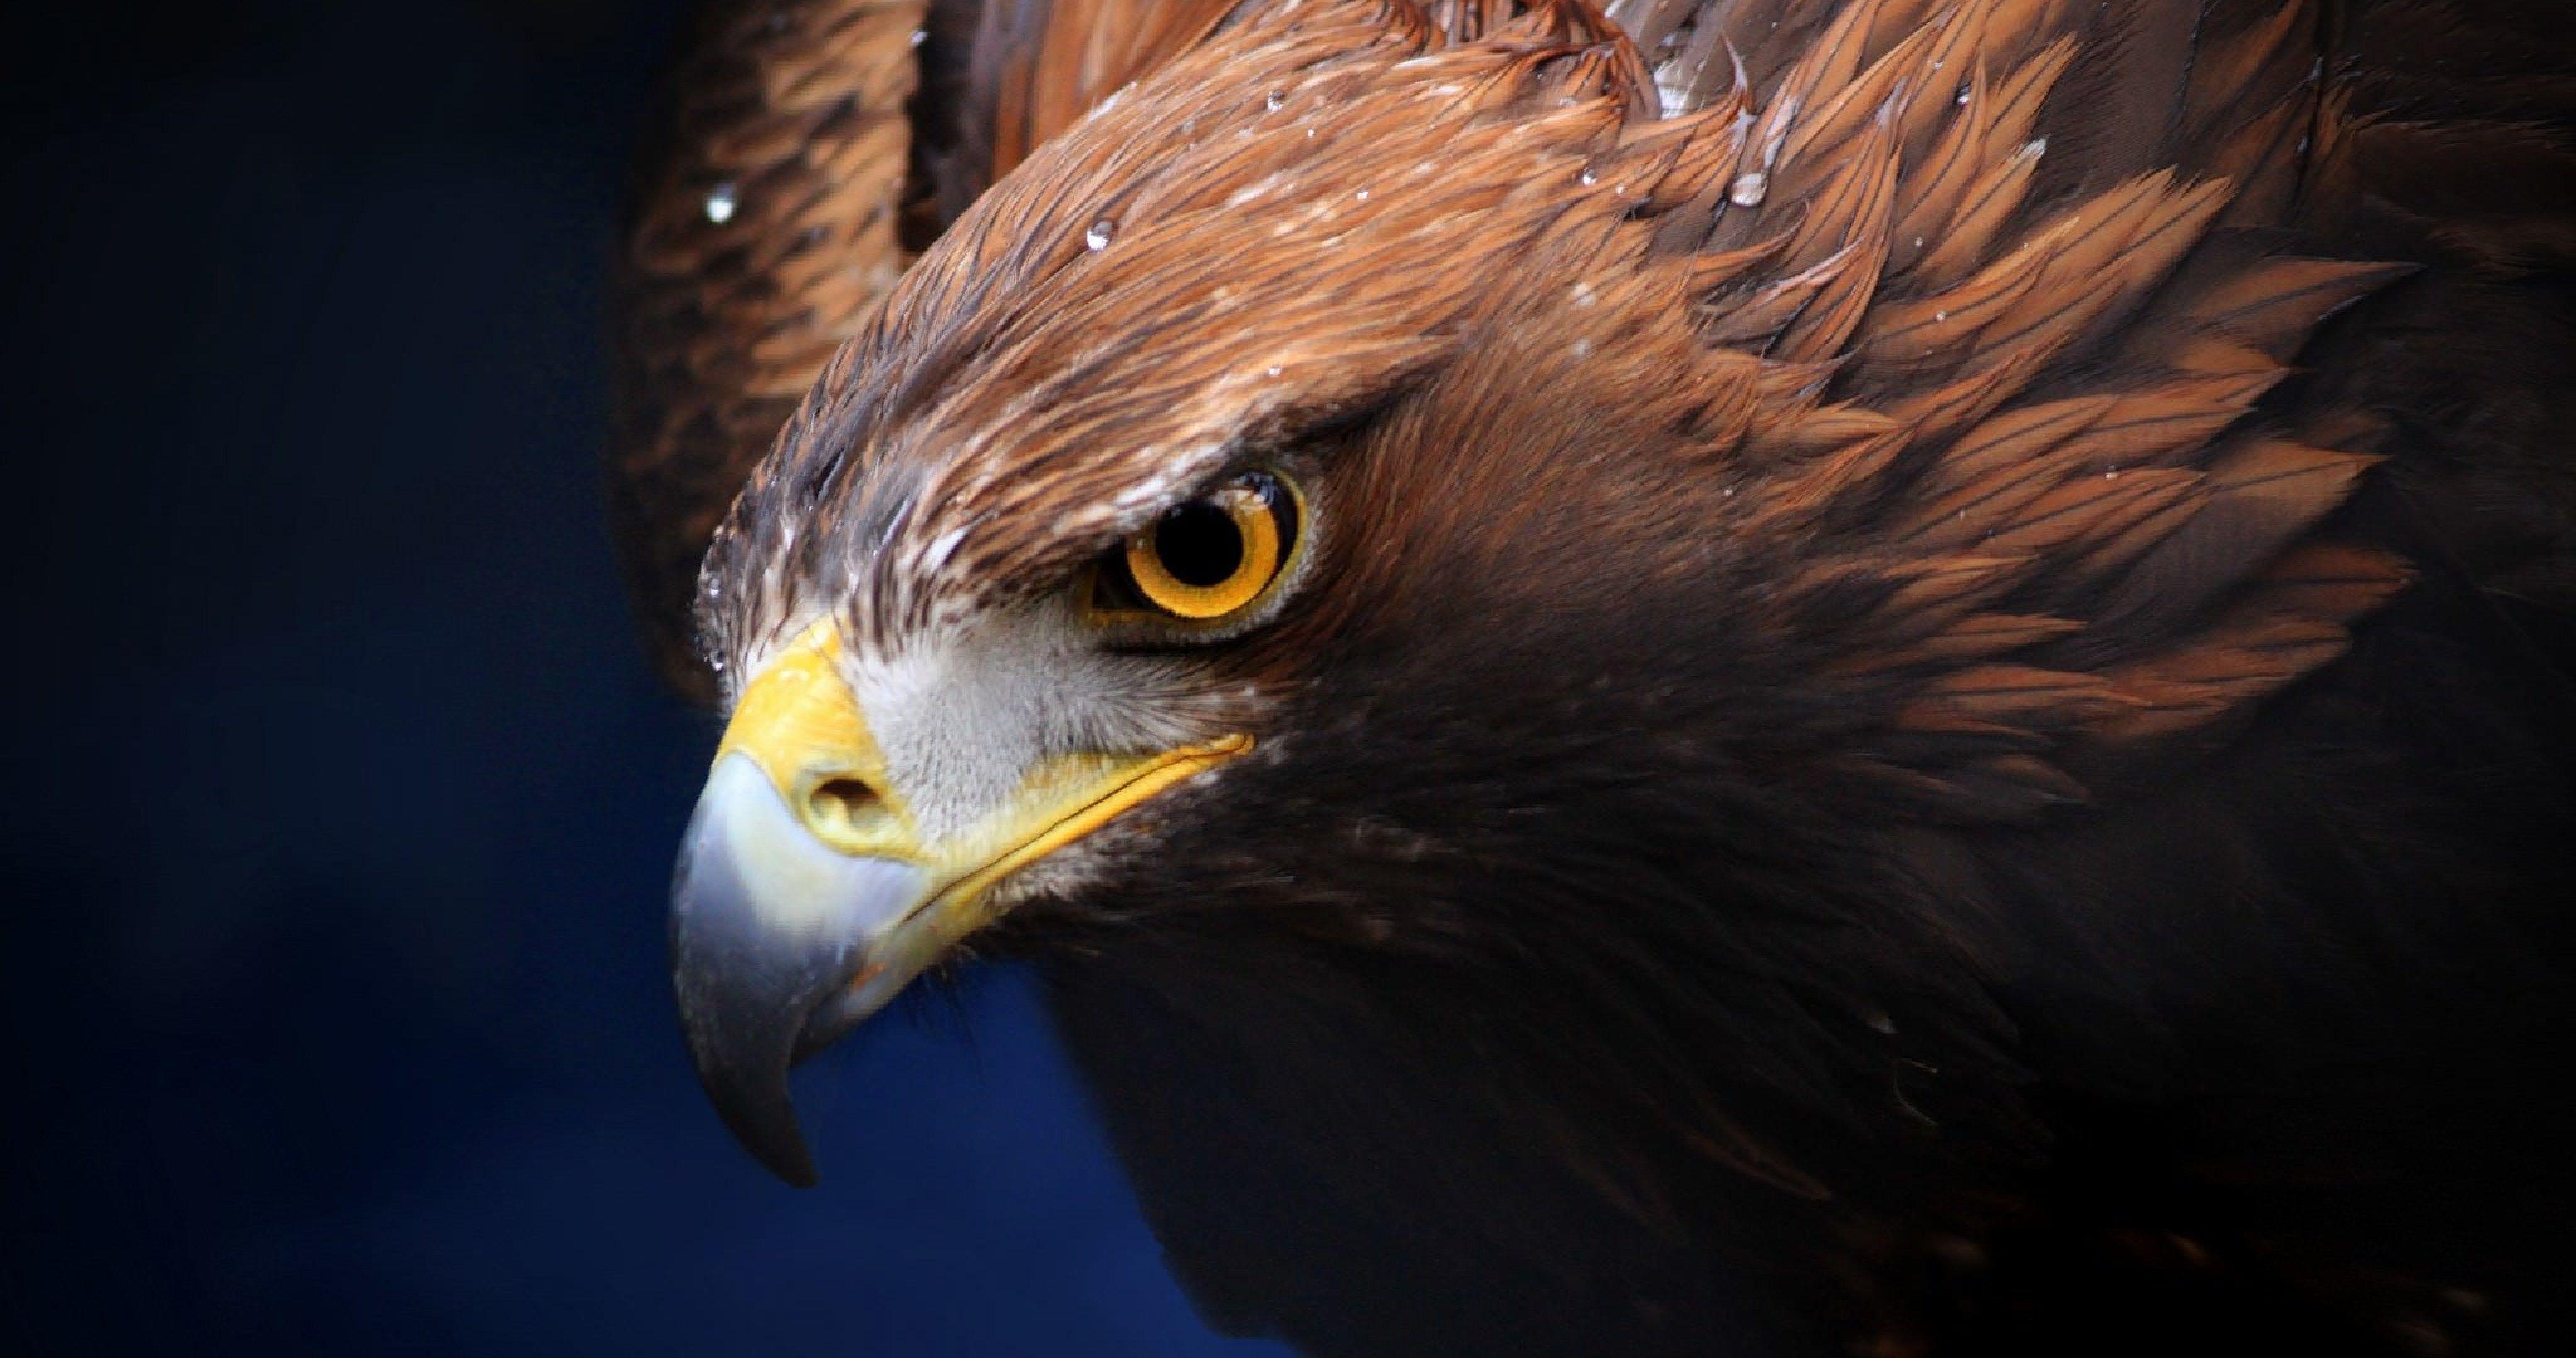 golden eagle 4k ultra hd wallpaper ololoshenka eagle